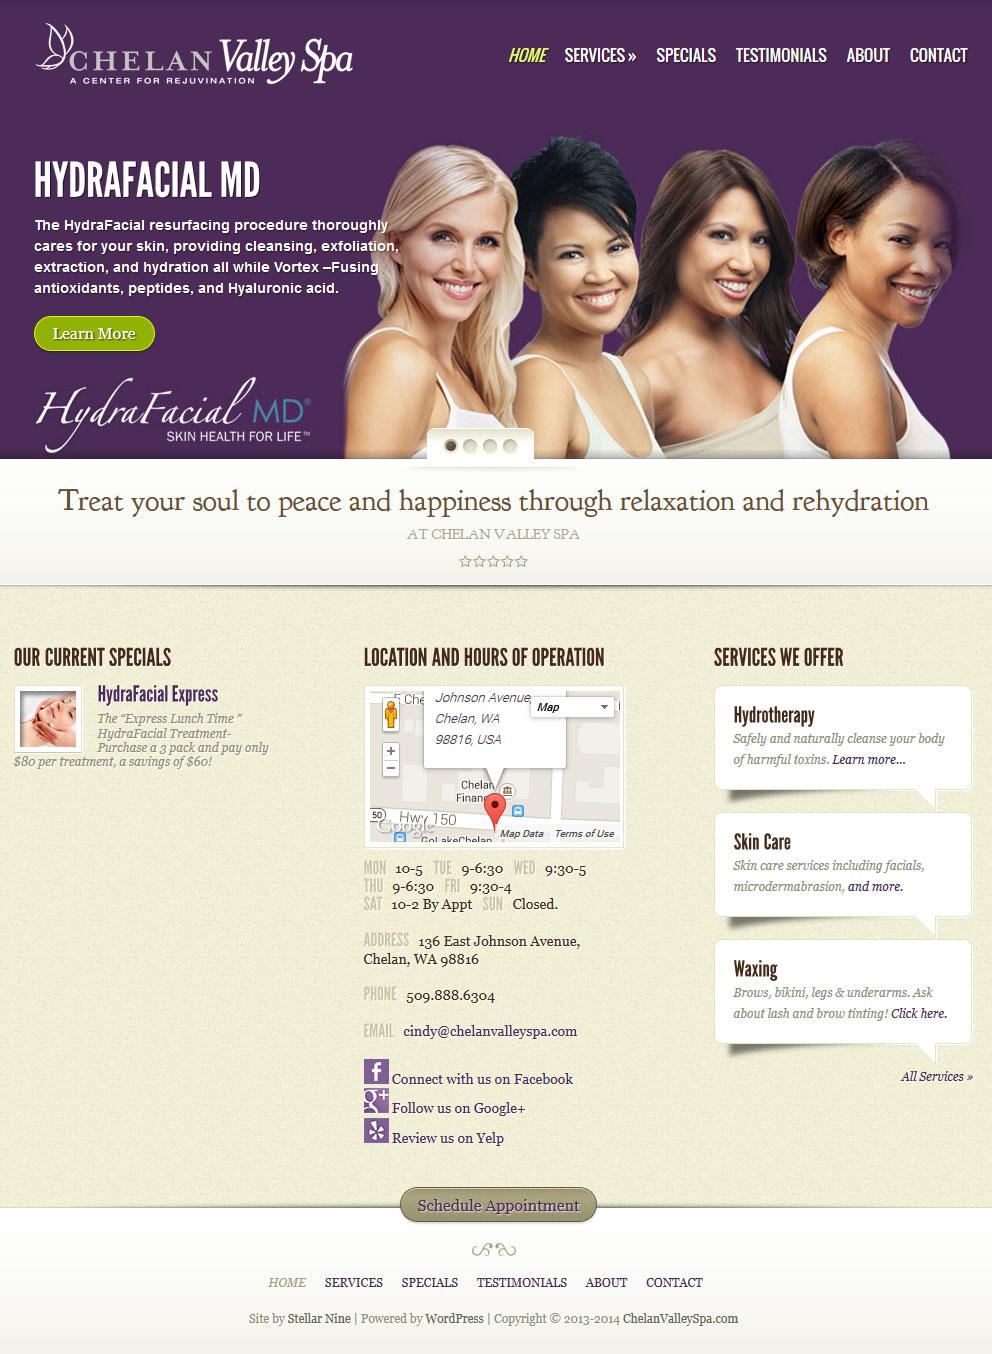 chelan valley spa website redesign